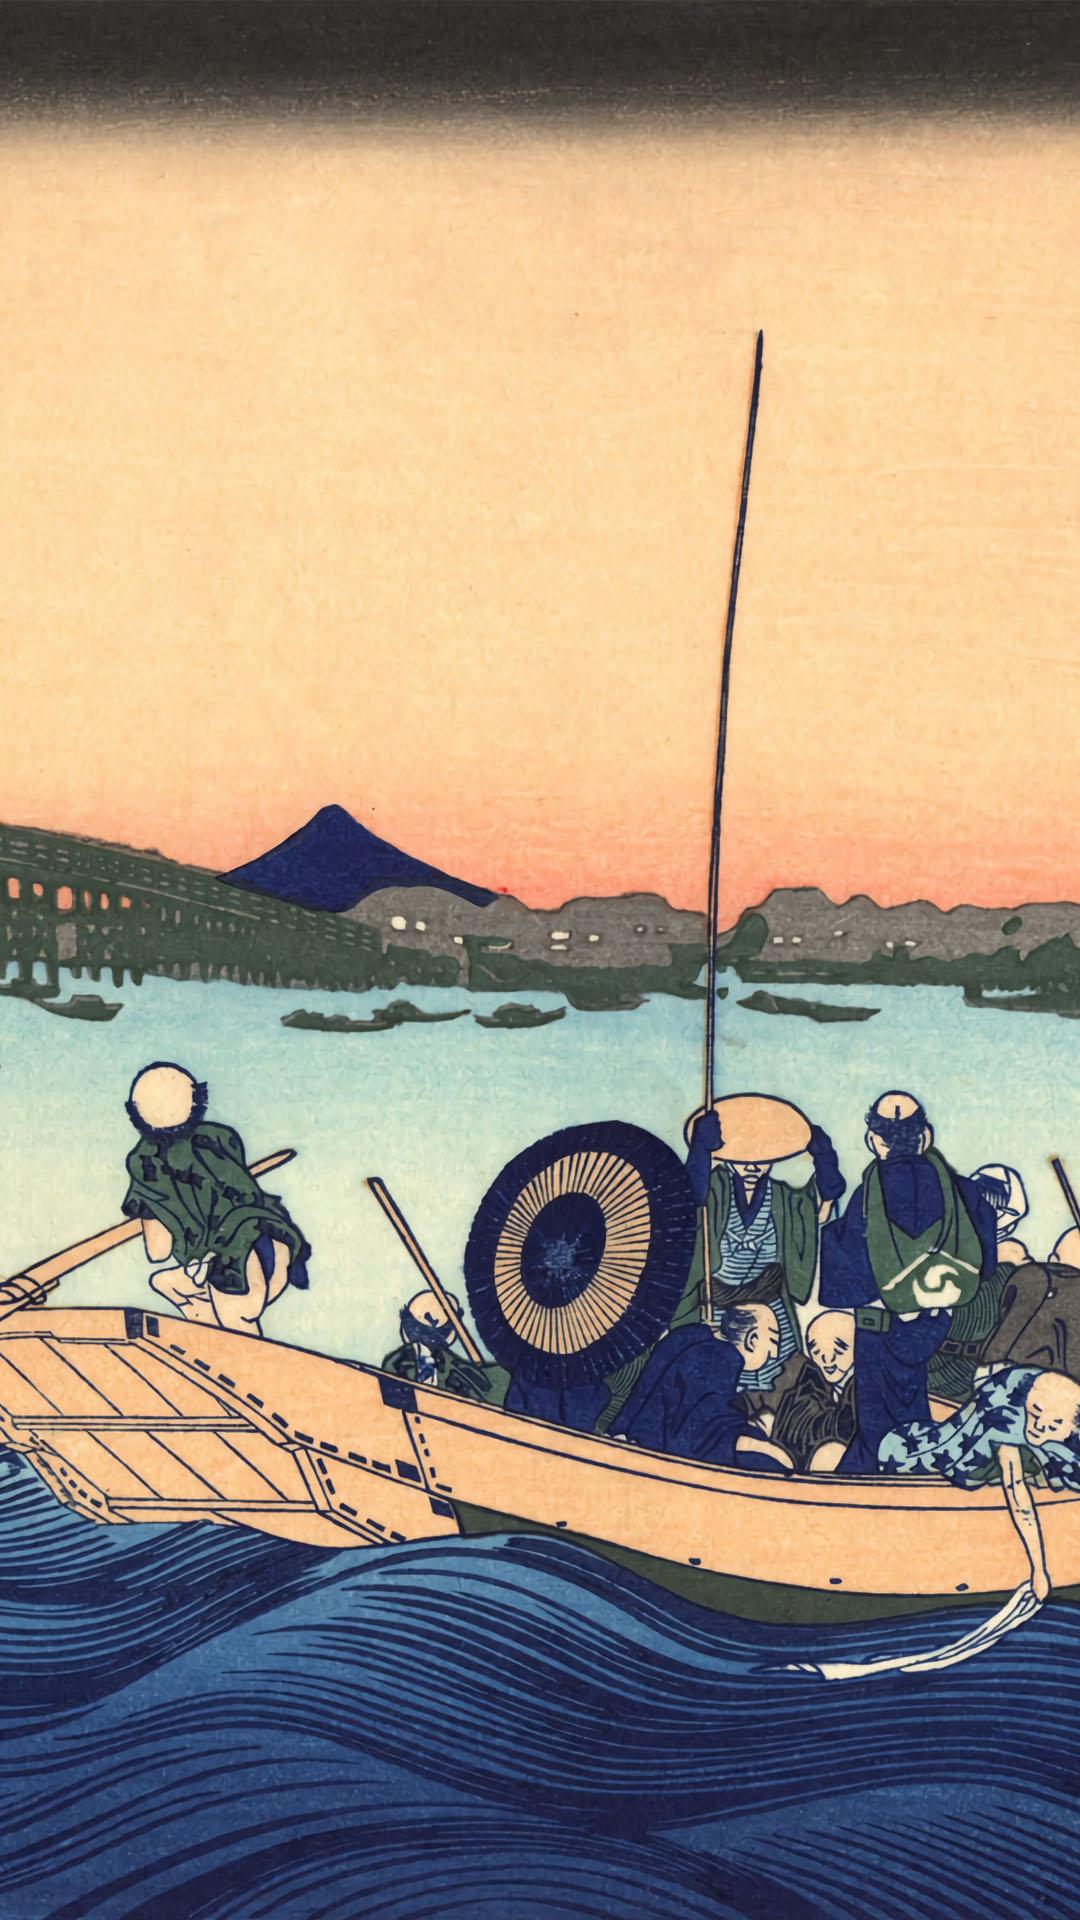 Katsushika Hokusai - Onmagashi yori ryogokubashi yuhi mi 1080x1920